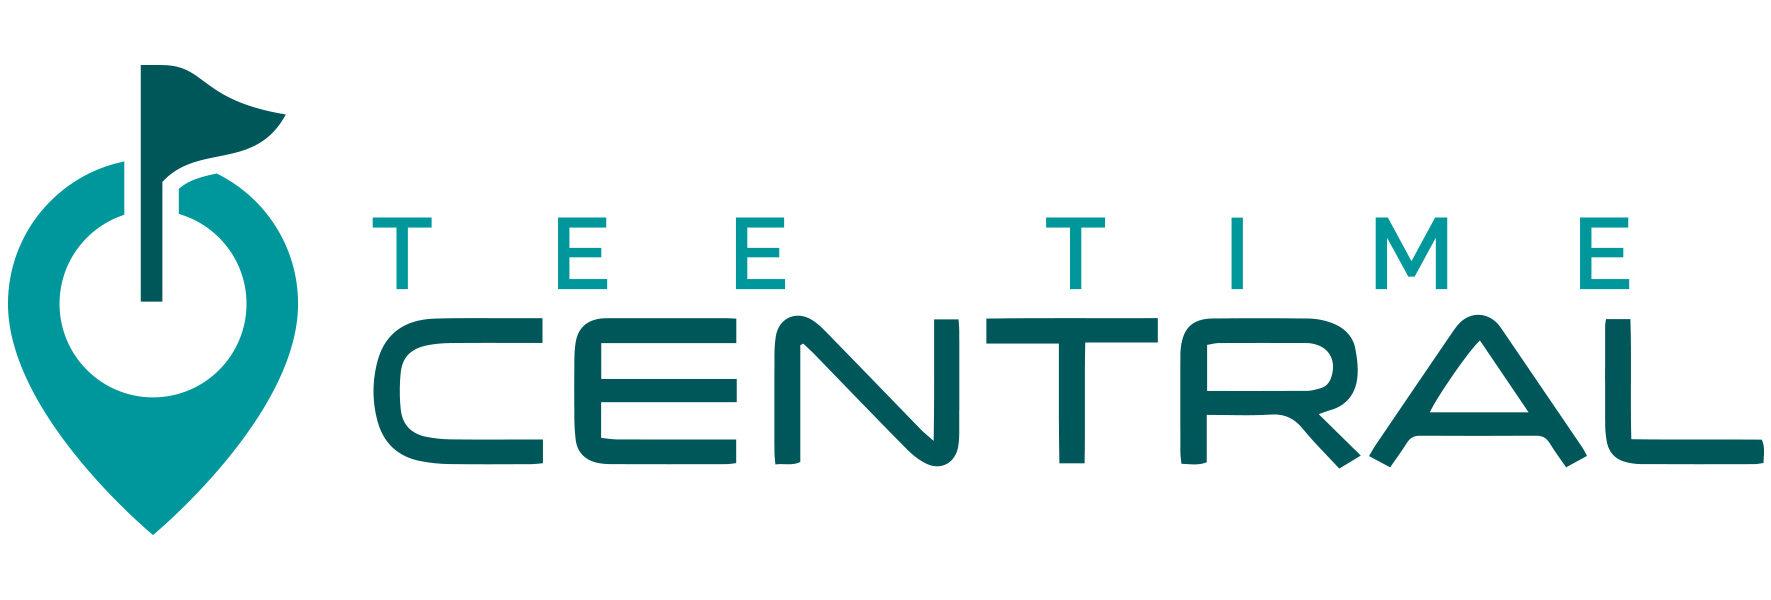 TeeTime Central